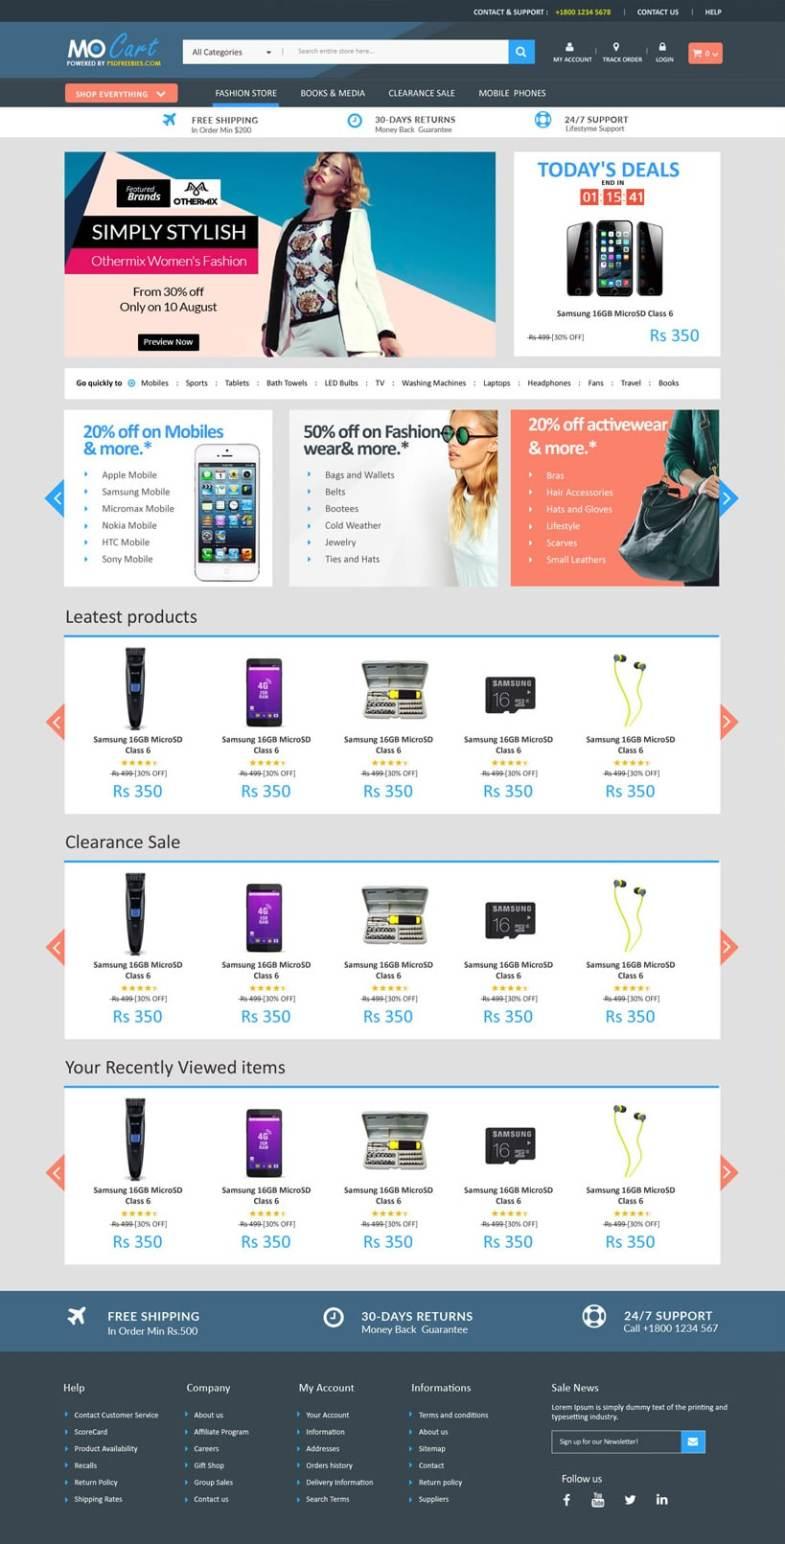 Mocart Бесплатные шаблоны для интернет-магазина psd - Mocart - Бесплатные шаблоны для интернет-магазина PSD